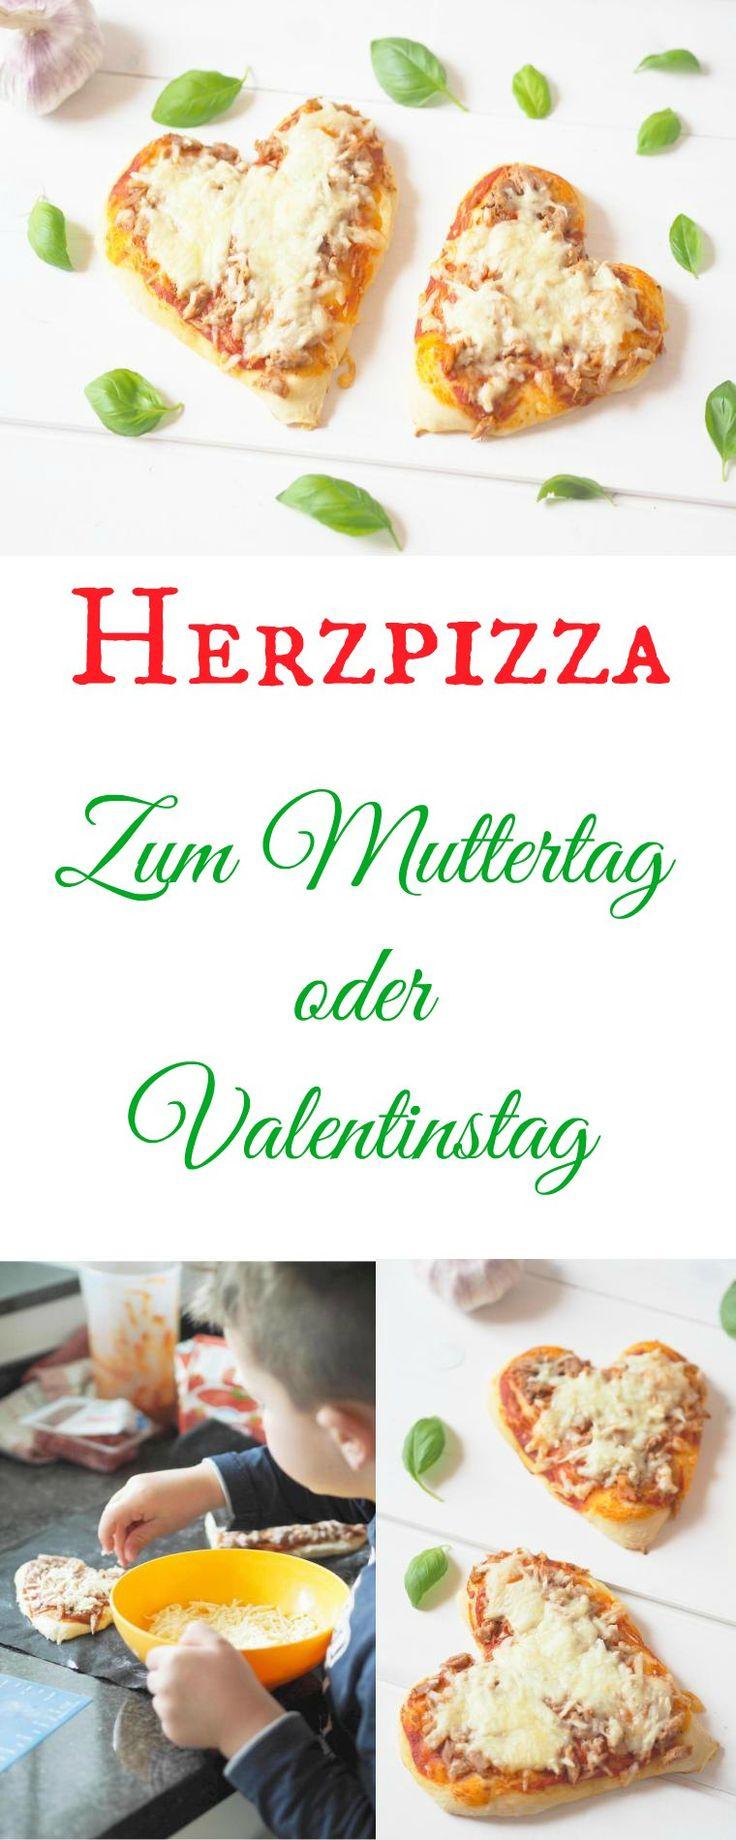 Diese schnuckelige Herz - Pizza könnt Ihr sowohl zum Muttertag als auch zu Valentinstag für Eure Lieben machen. Natürlich freut sich auch jeder während des Jahres über diese leckere Herz - Pizza. Sowohl mit dem Thermomix als auch ohne lässt sich der Pizzateig herstellen und die Pizzasoße ist auch der Knaller und in 10 Sekunden gemixt. Am liebsten natürlich Pizza Margarita oder Tonno / Thunfisch.